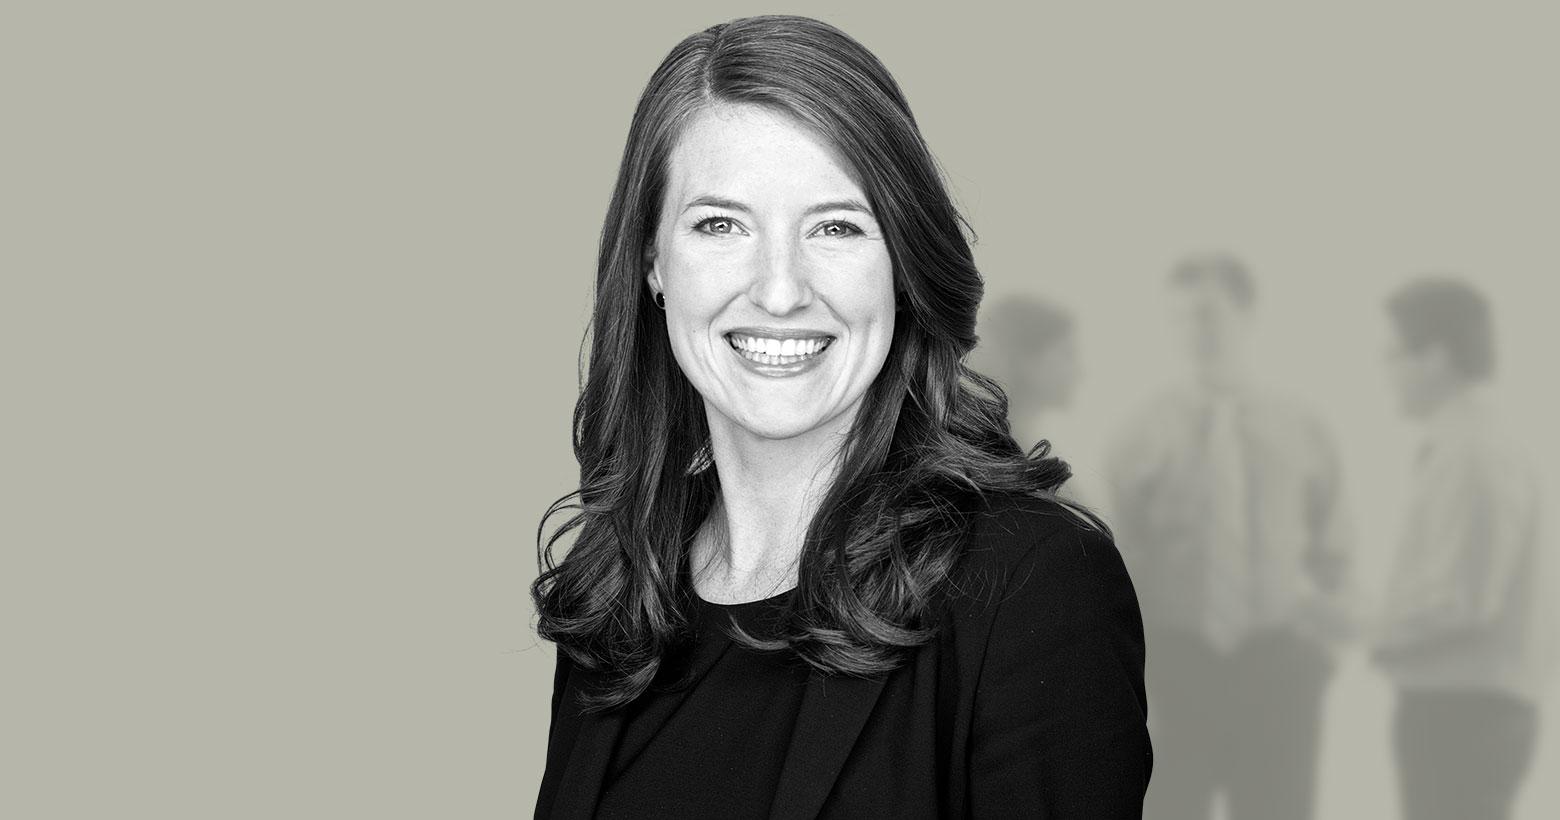 Elizabeth J. Wilkerson